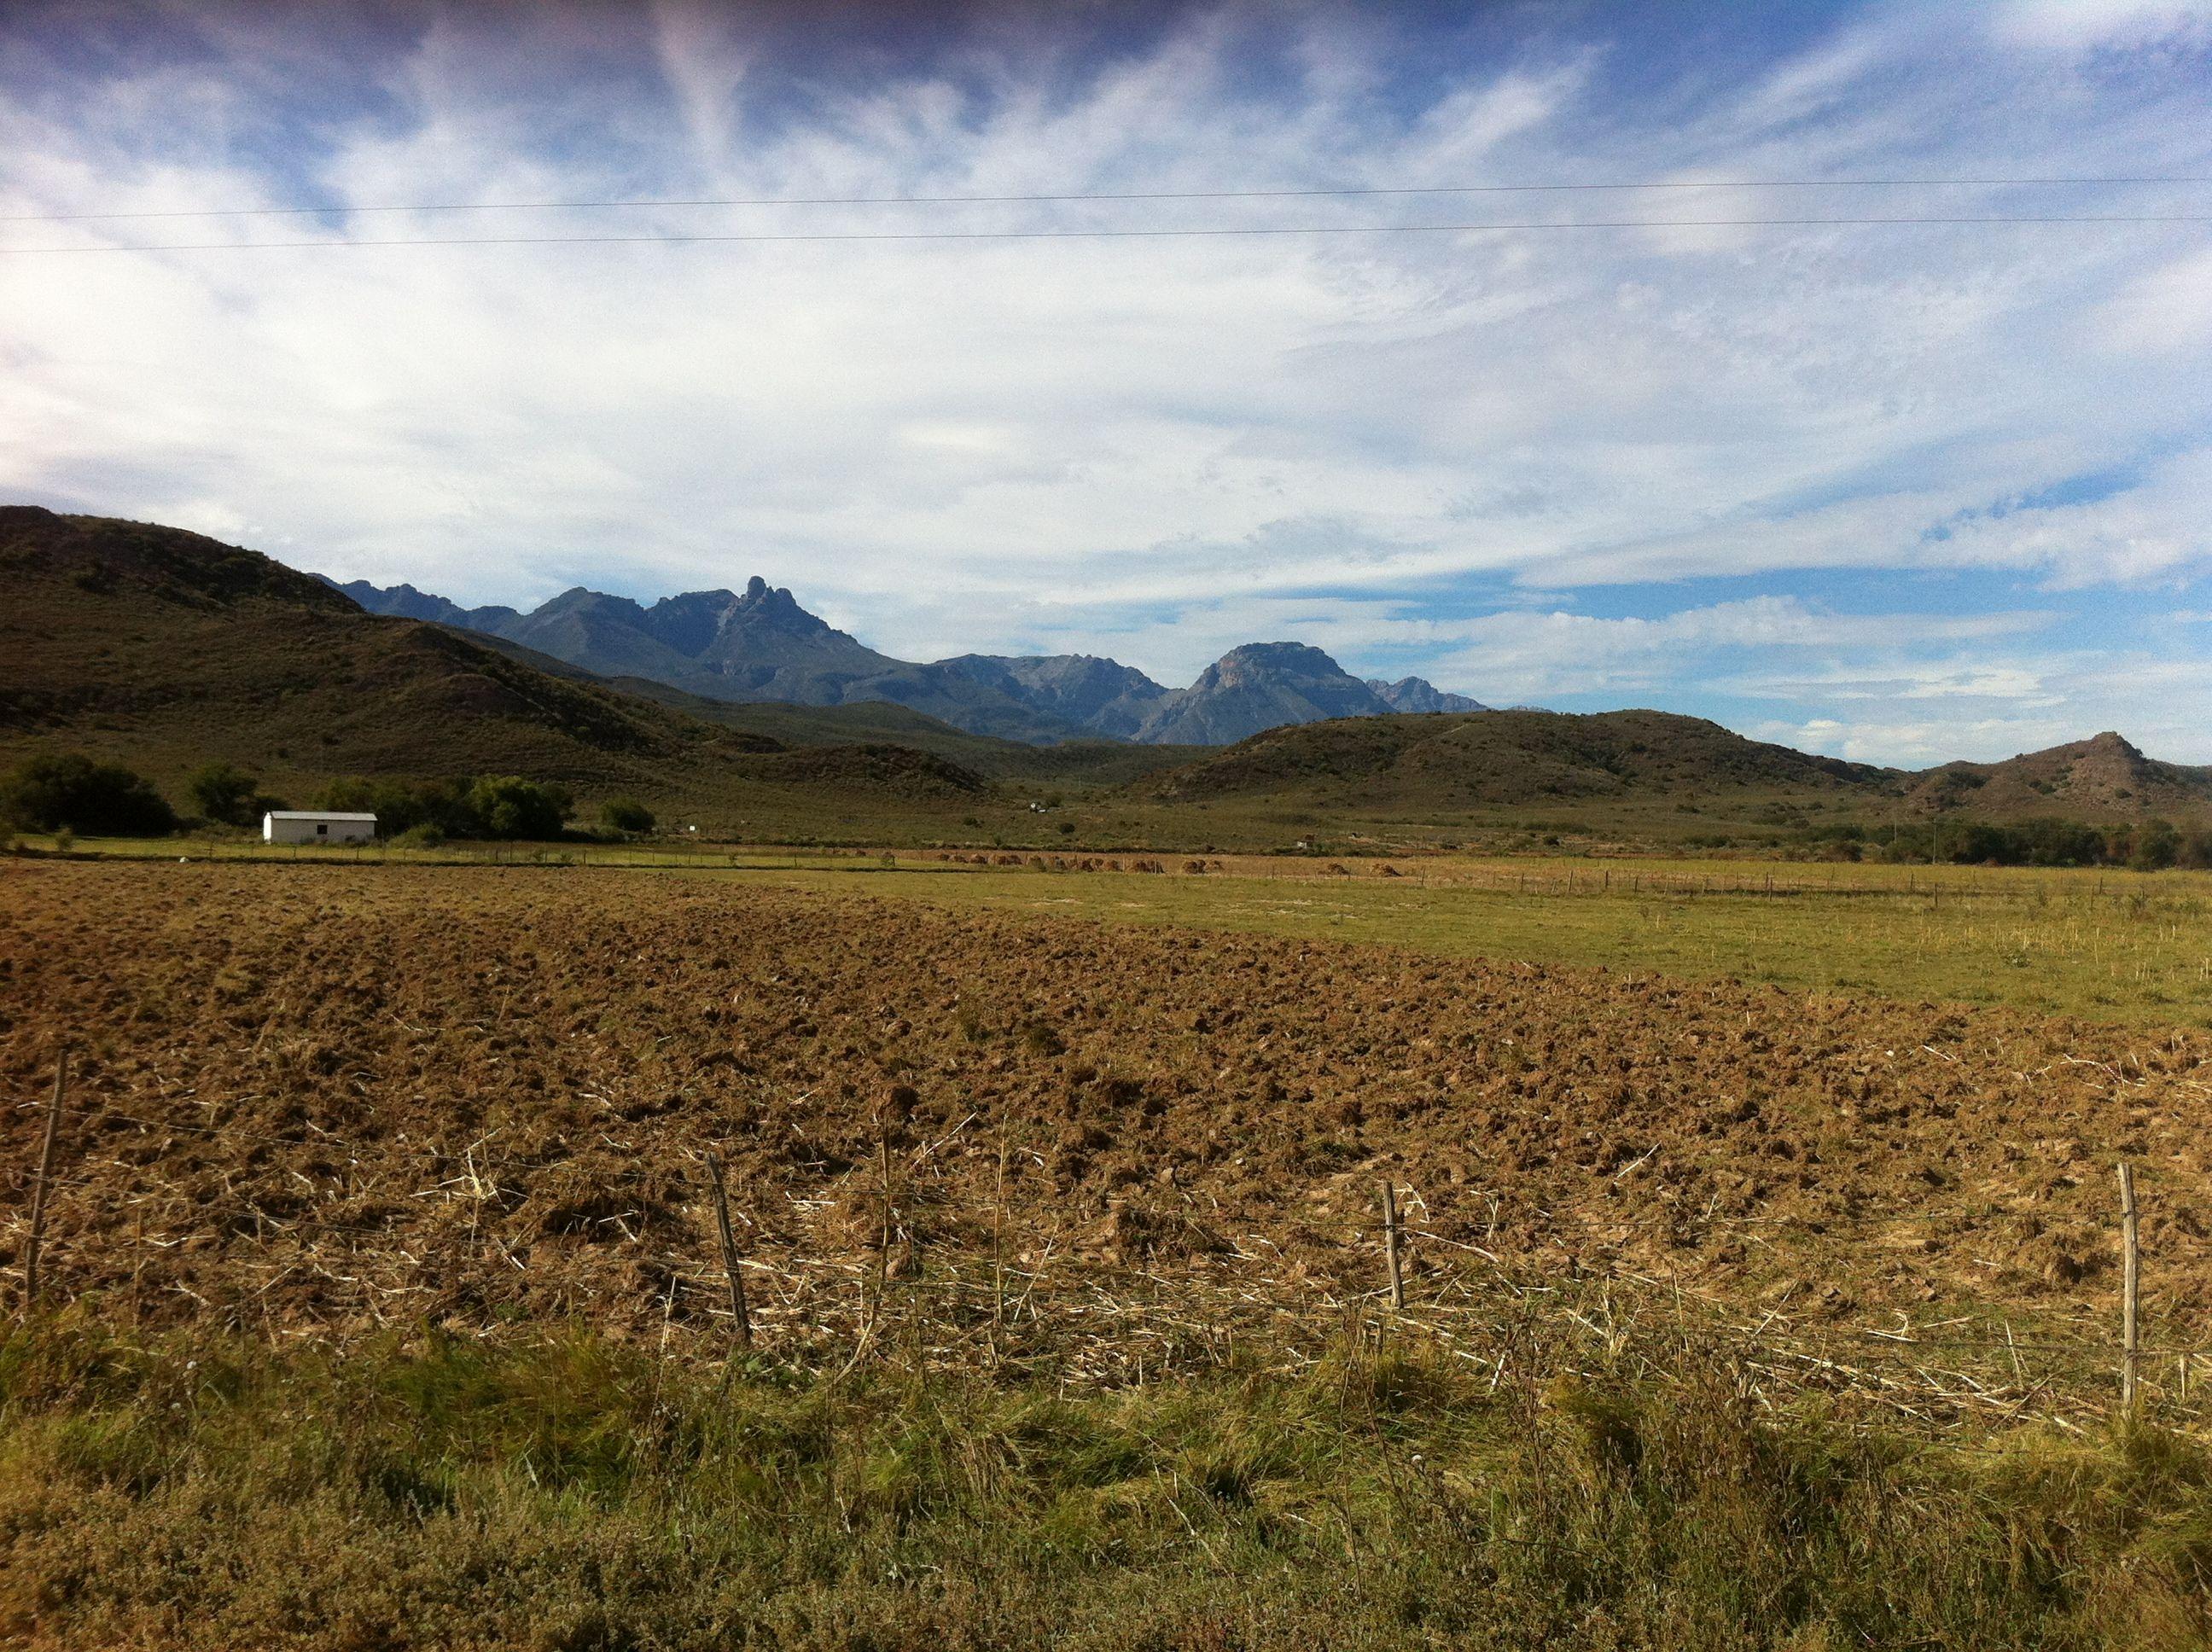 Vistas of Towerkop in the Klein Karoo, Western Cape, South